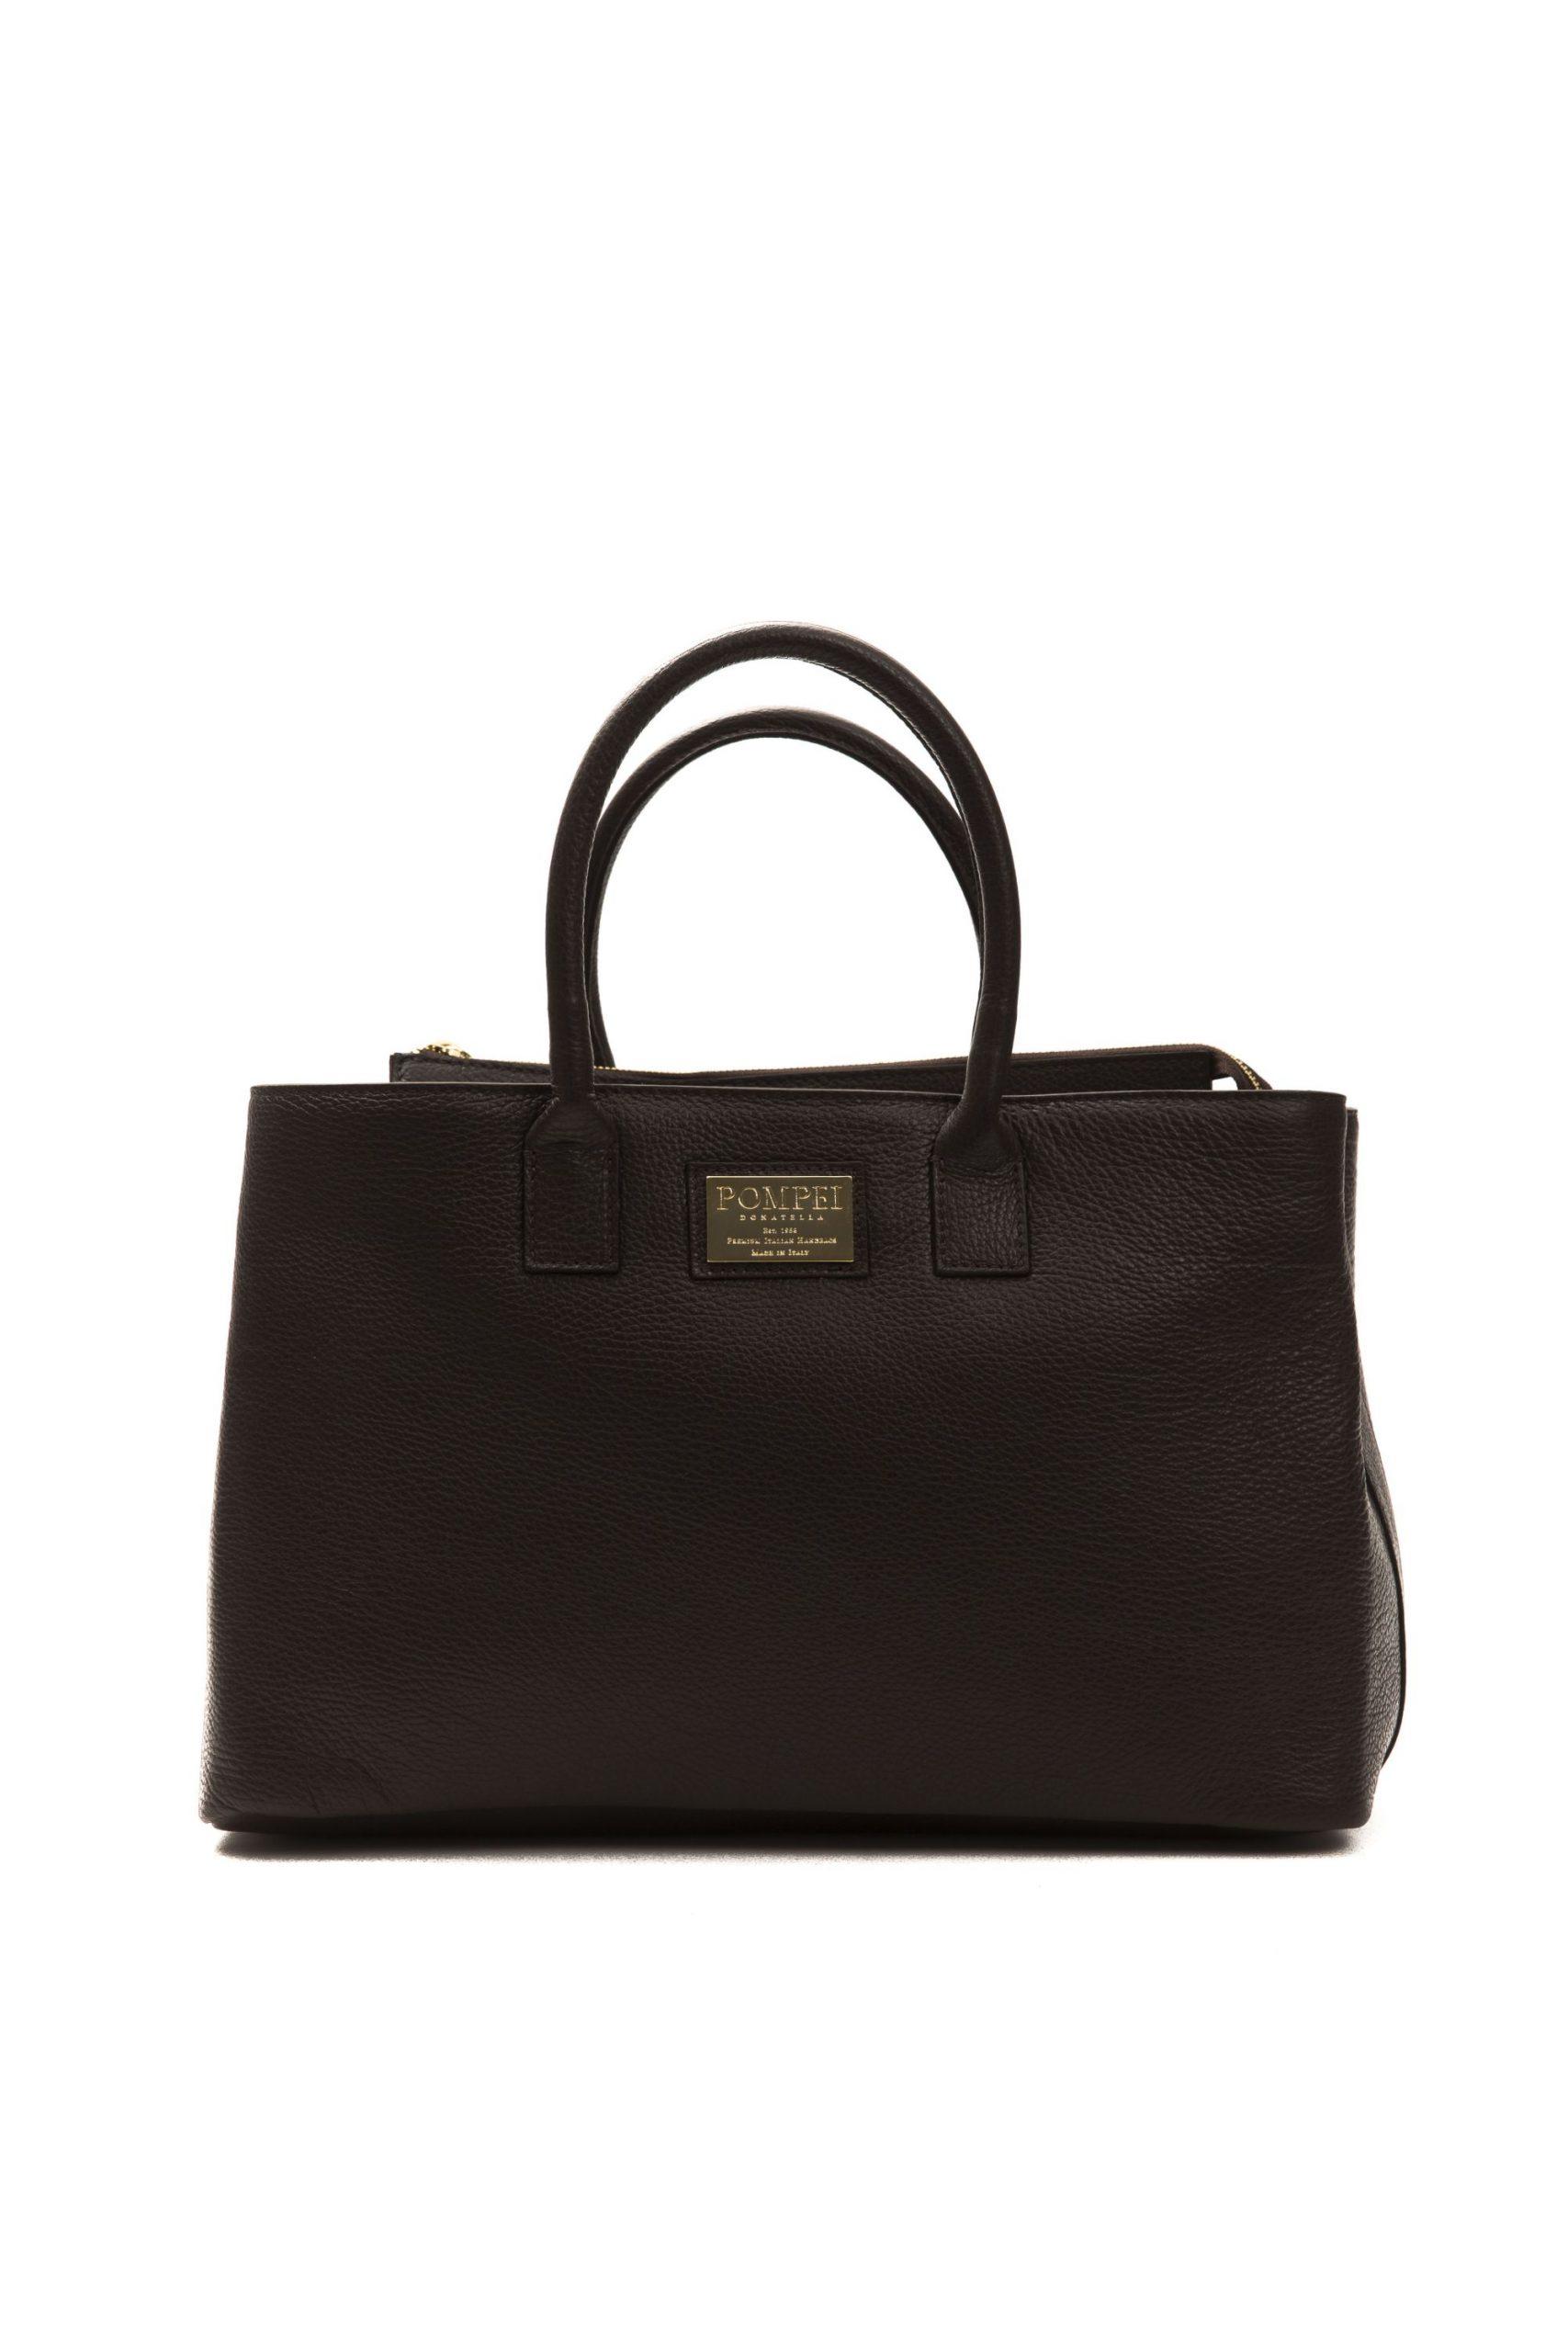 Pompei Donatella Women's Handbag Brown PO667762